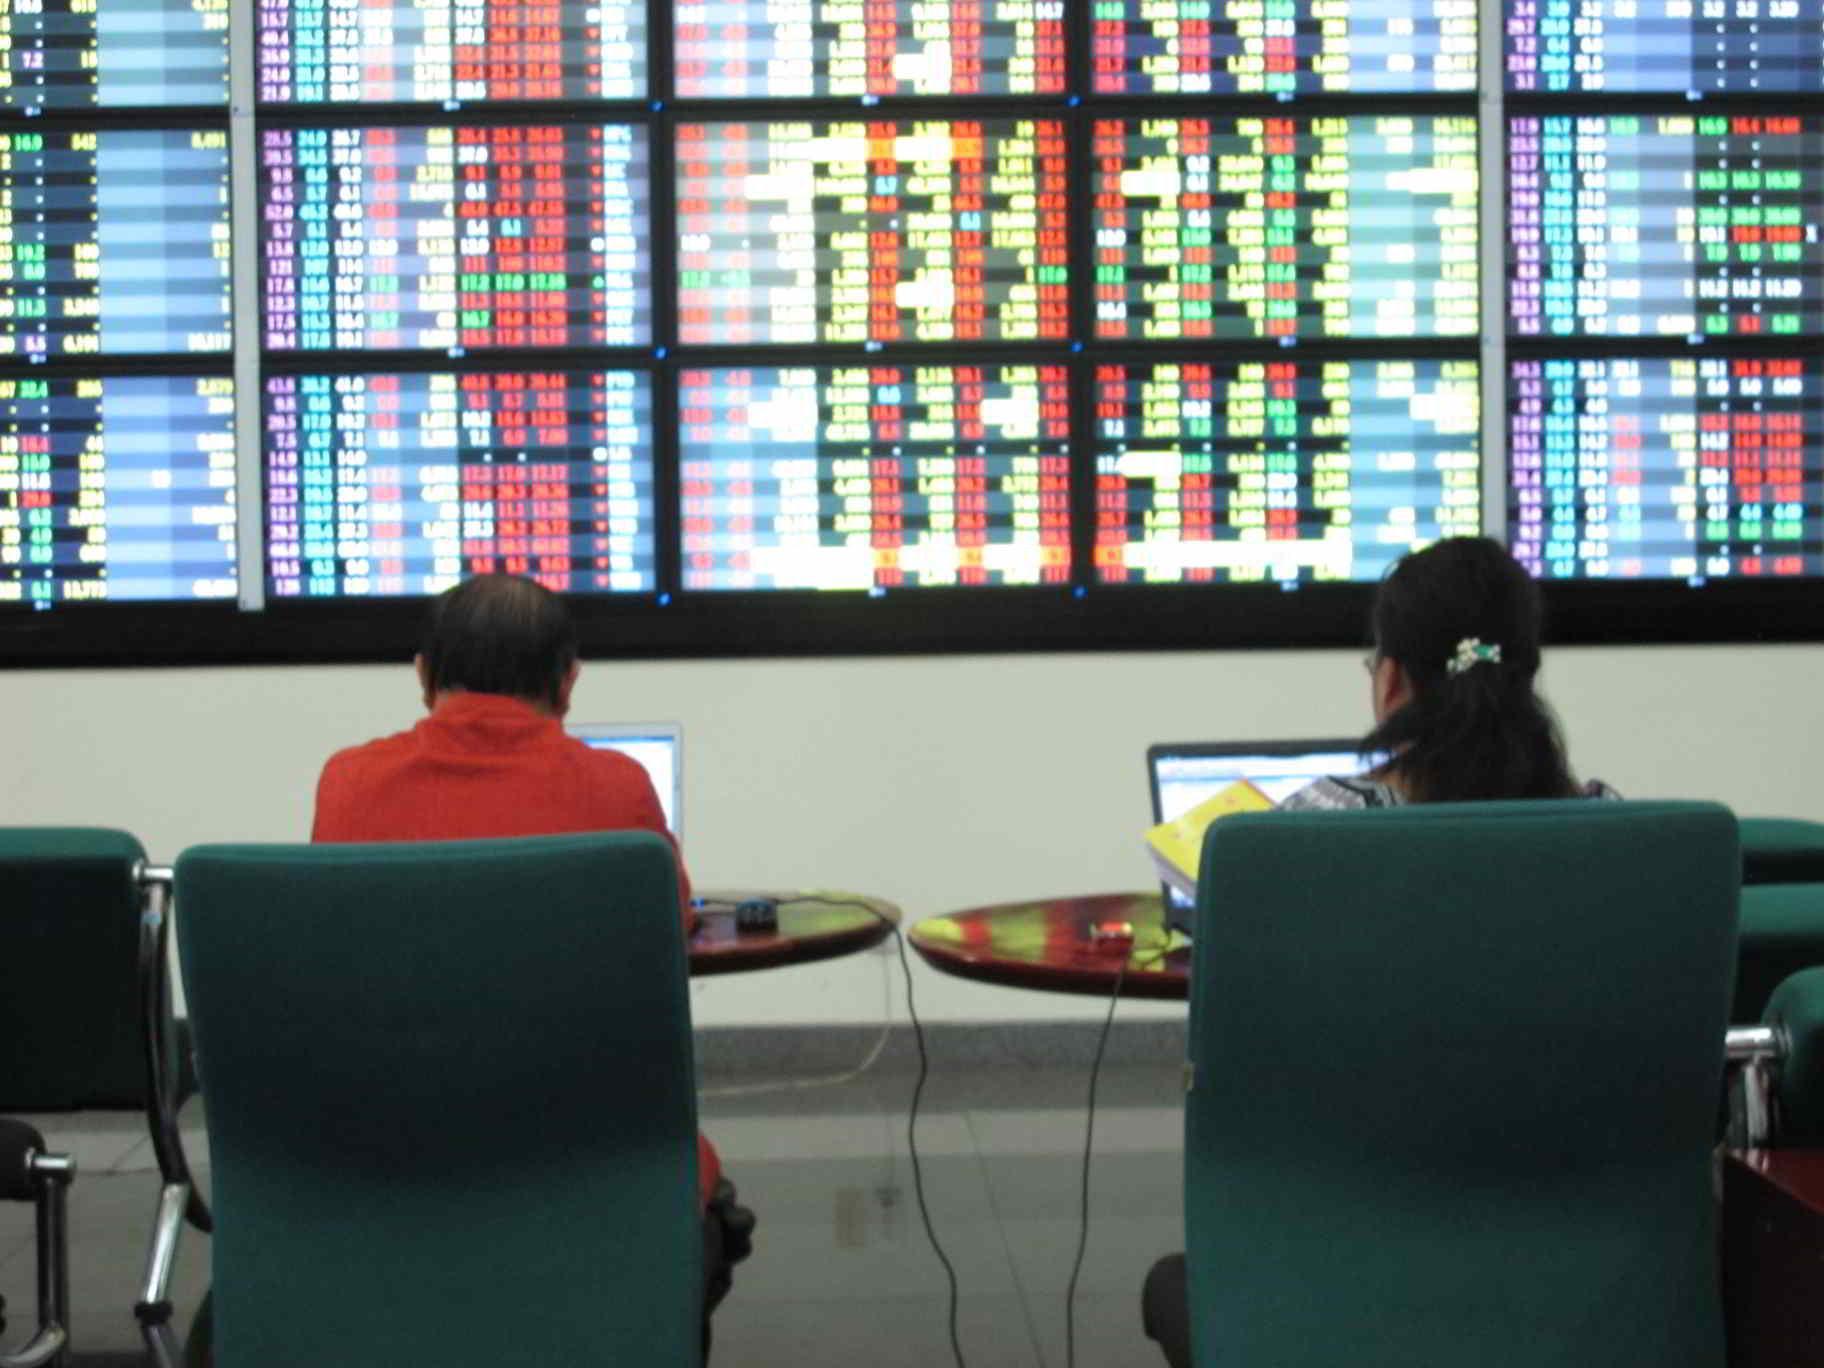 4 yếu tố khiến thị trường chứng khoán sụt giảm mạnh đầu tháng 10